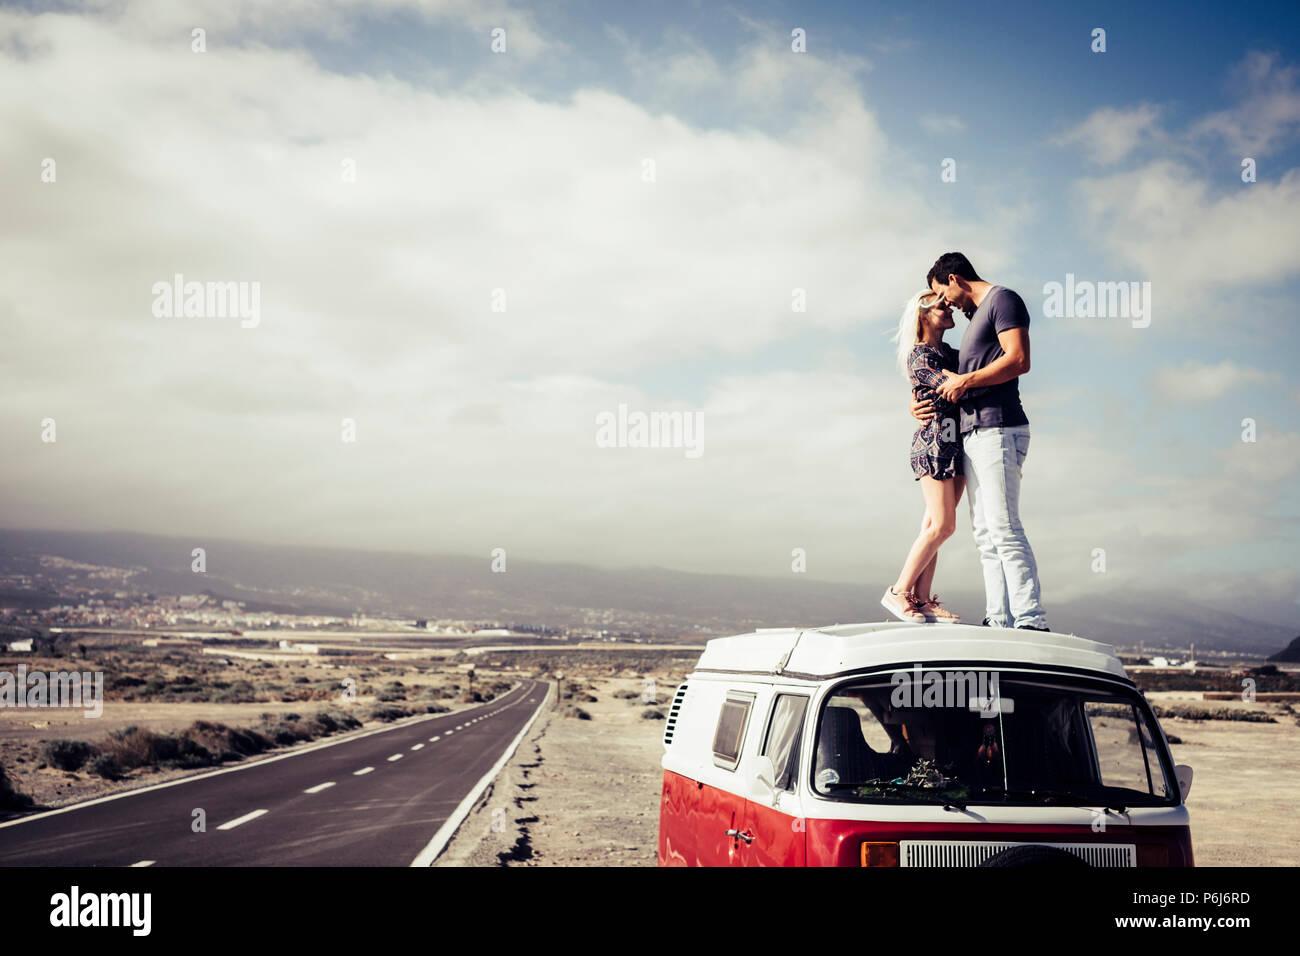 Bella coppia caucasica in amore in piedi sul tetto di un vintage legendaru van. viaggi e concetto di famiglia. lungo strada asfaltata in background e cielo Immagini Stock